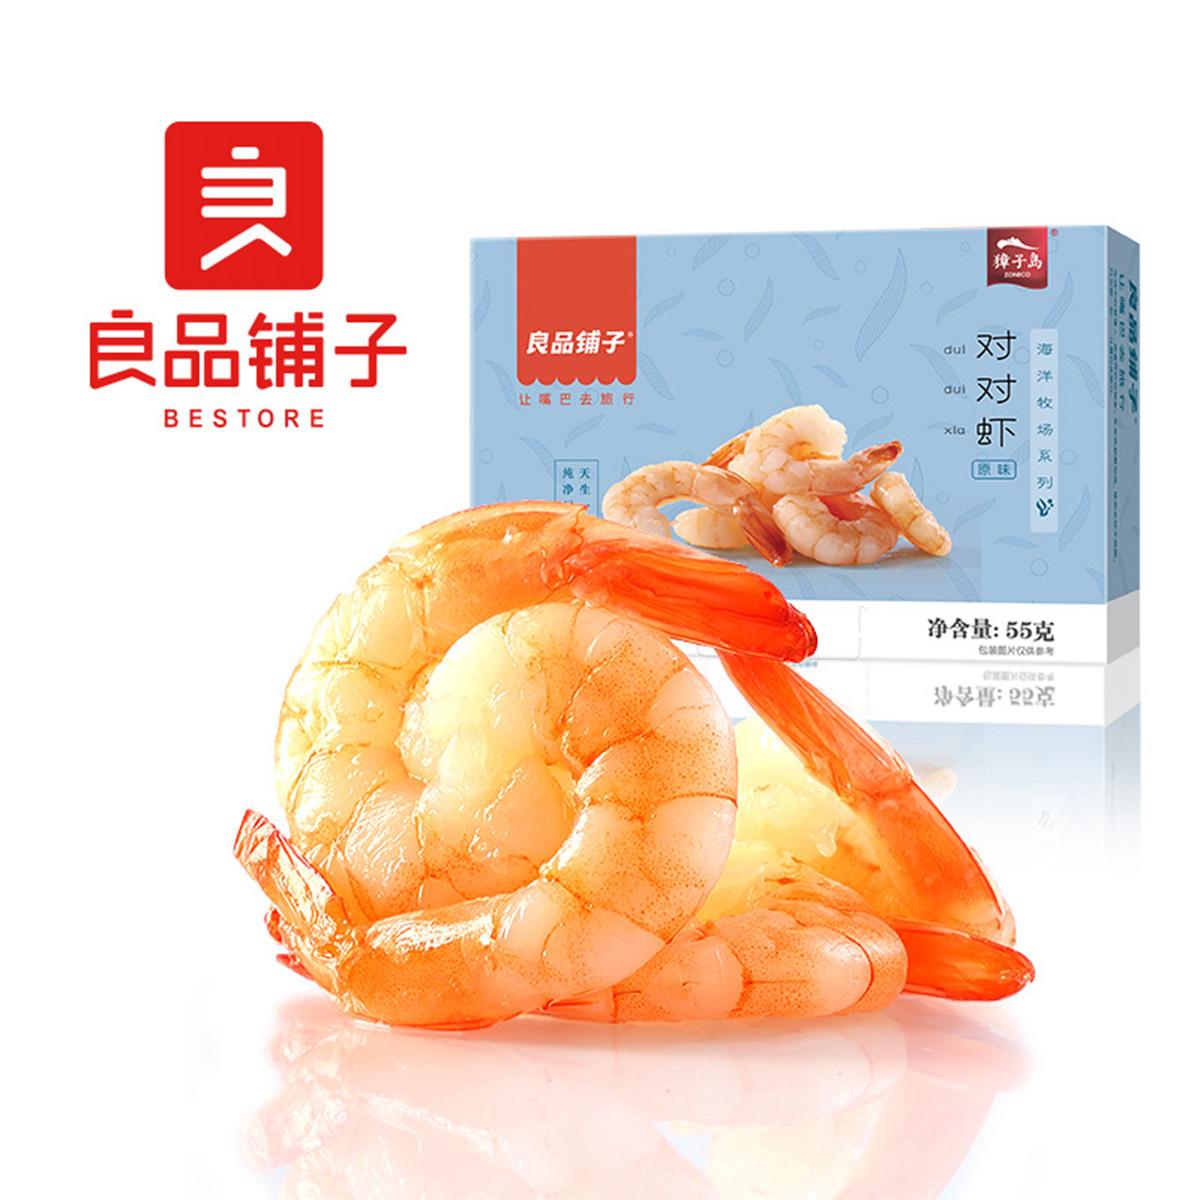 良品铺子畅销推荐】良品铺子对对虾仁55g/盒原味香辣味即食虾仁海鲜零食COLOR对对虾